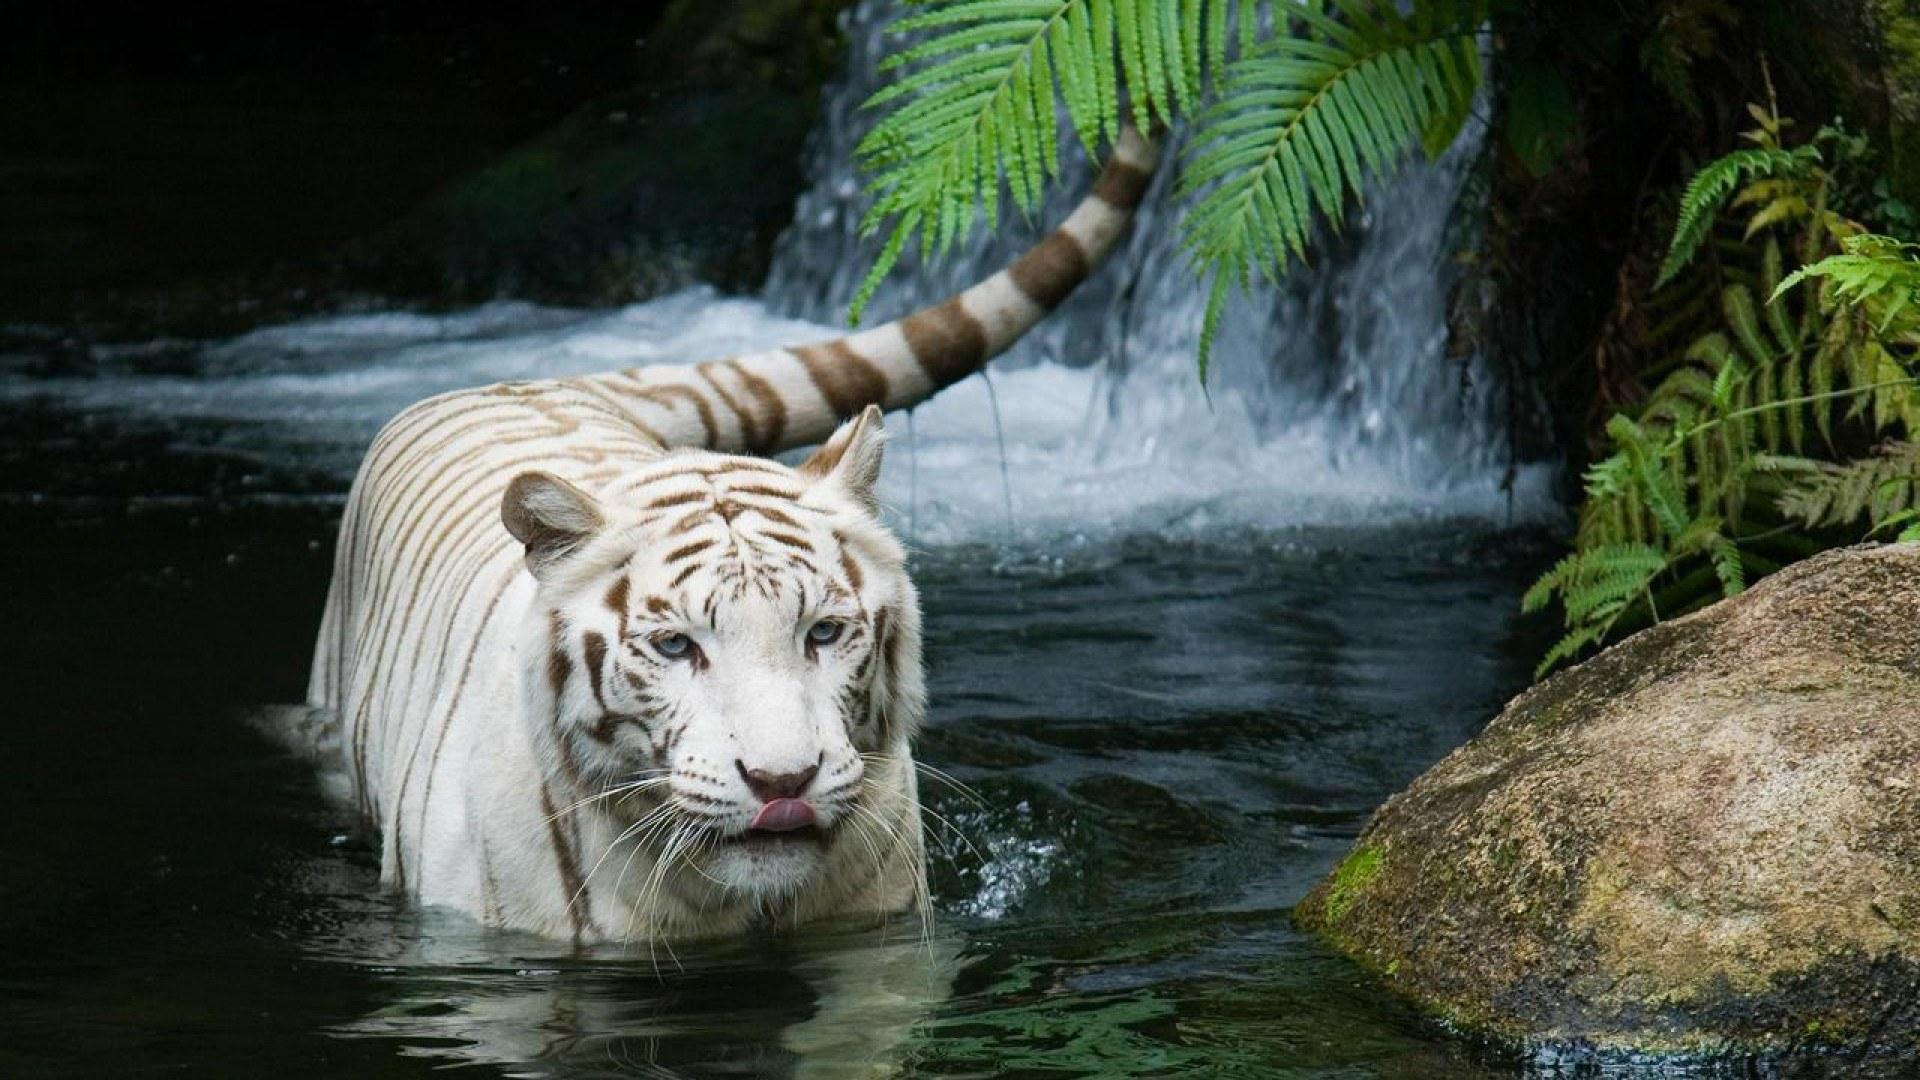 White Tiger Wallpaper HD 1920x1080 Wallpaper 1080p 1920x1080